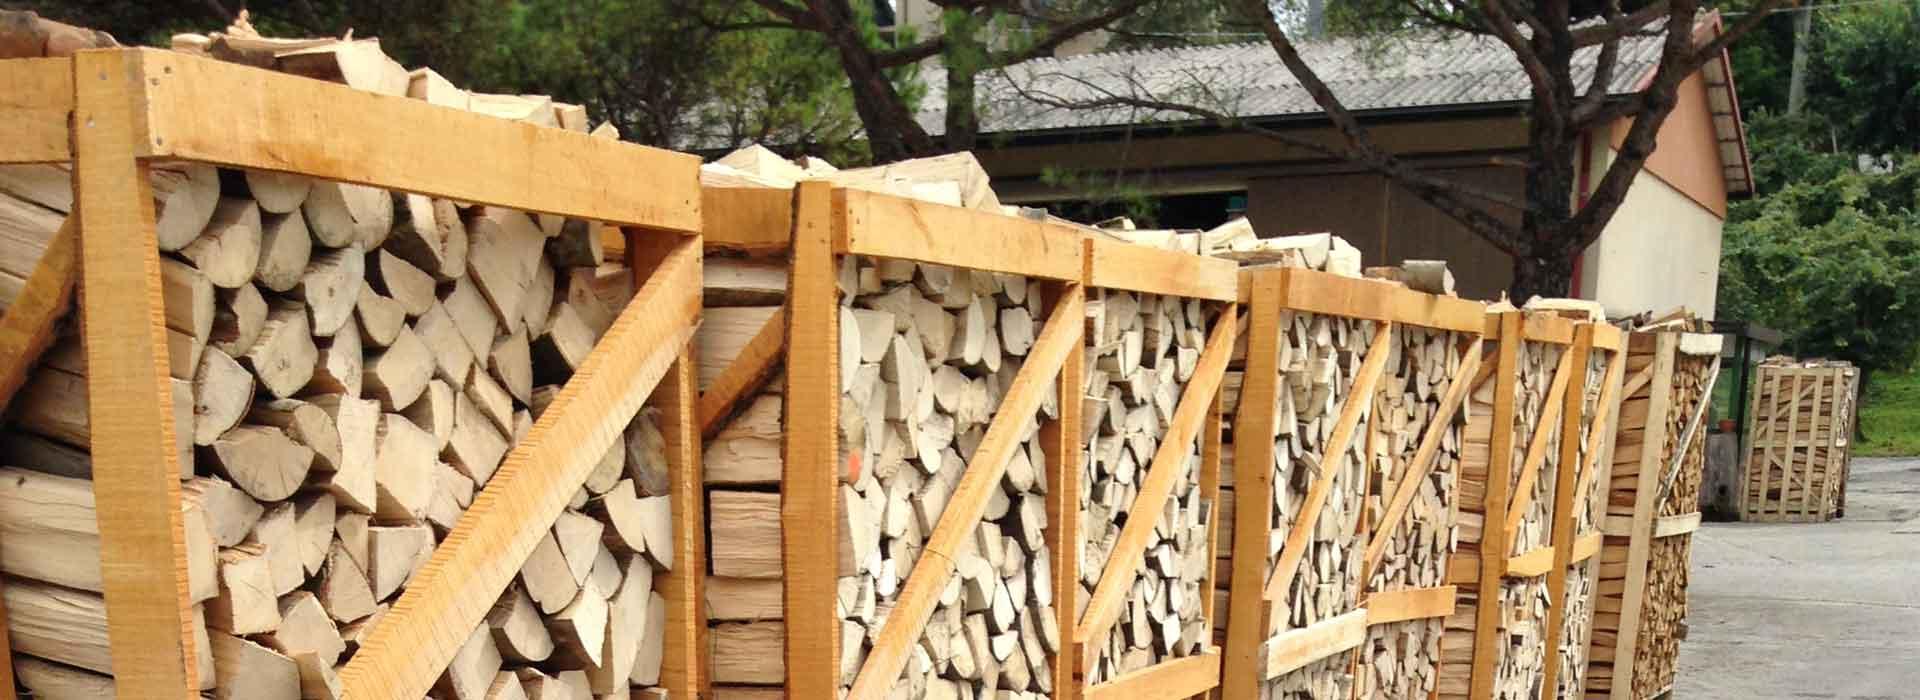 Vendita legna da ardere e pellet